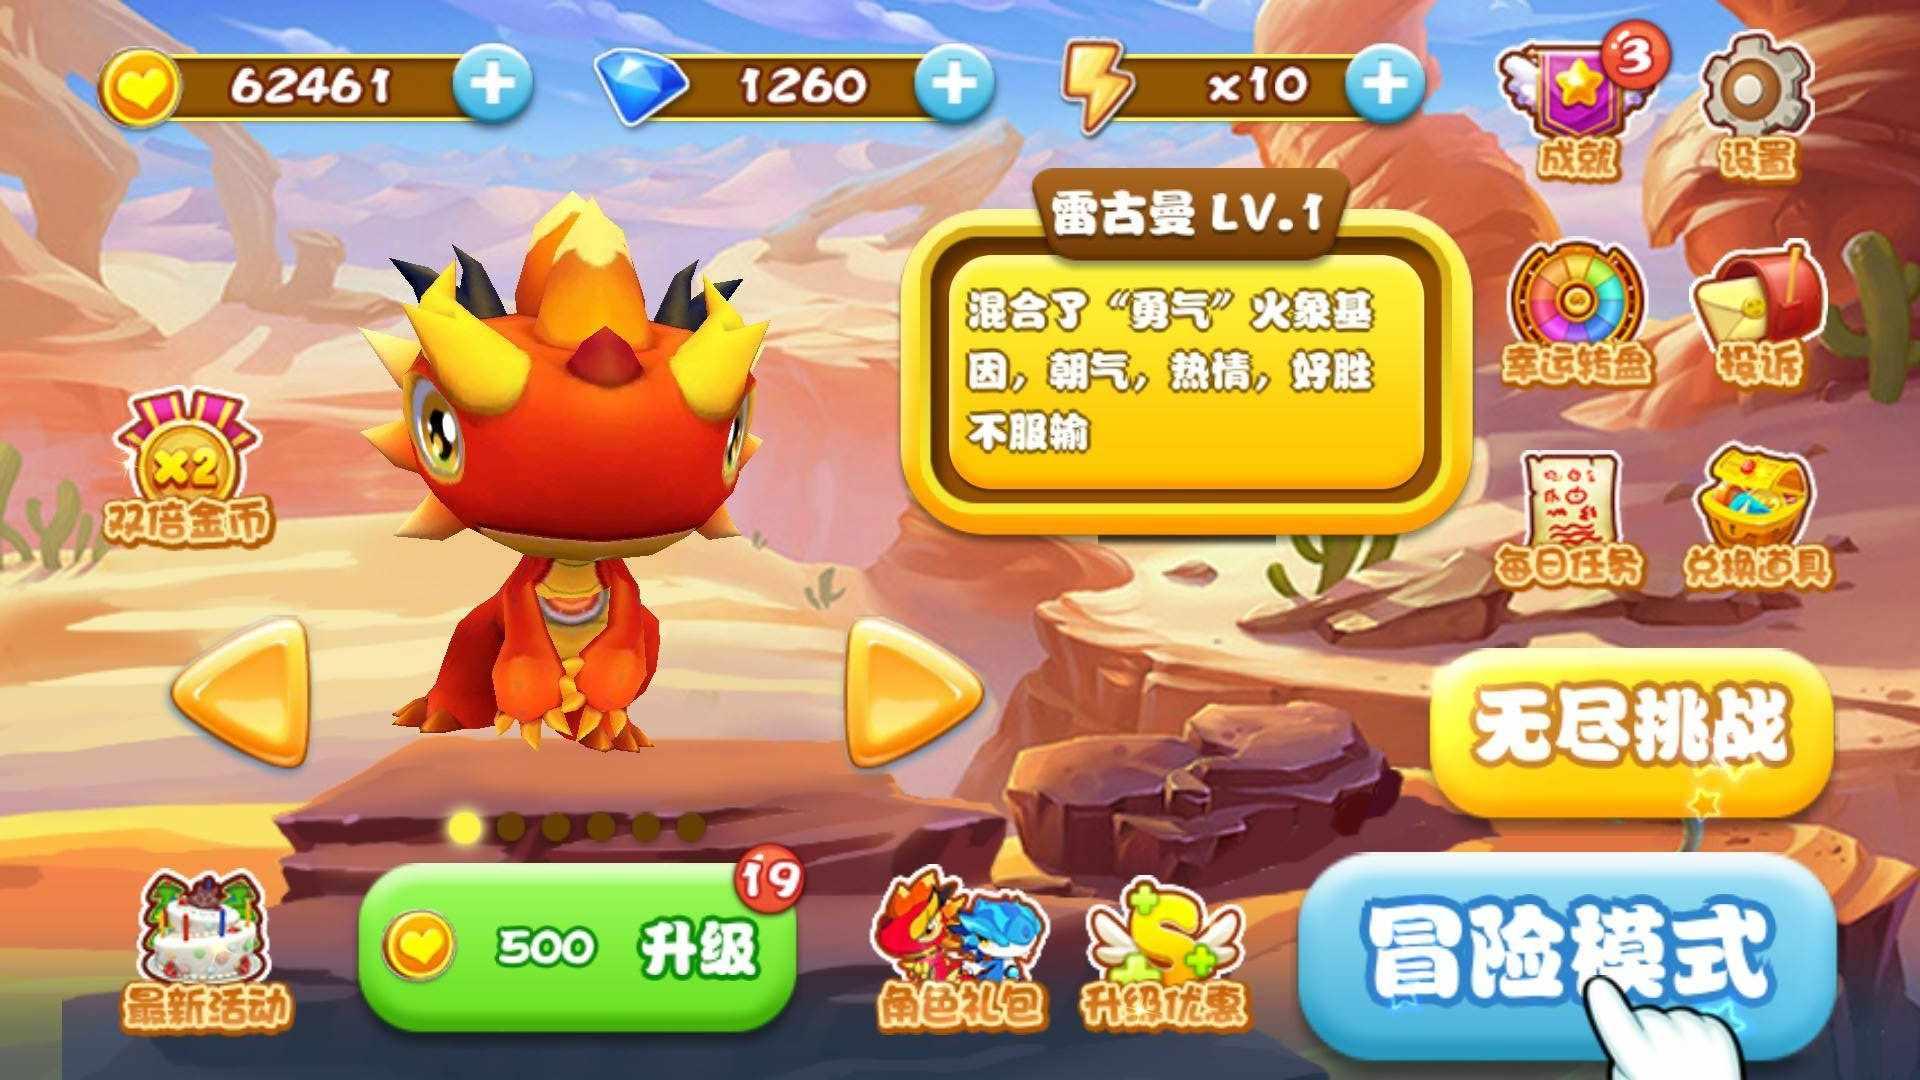 斗龙战士游戏大全_斗龙战士手机版下载_跑跑车安卓网